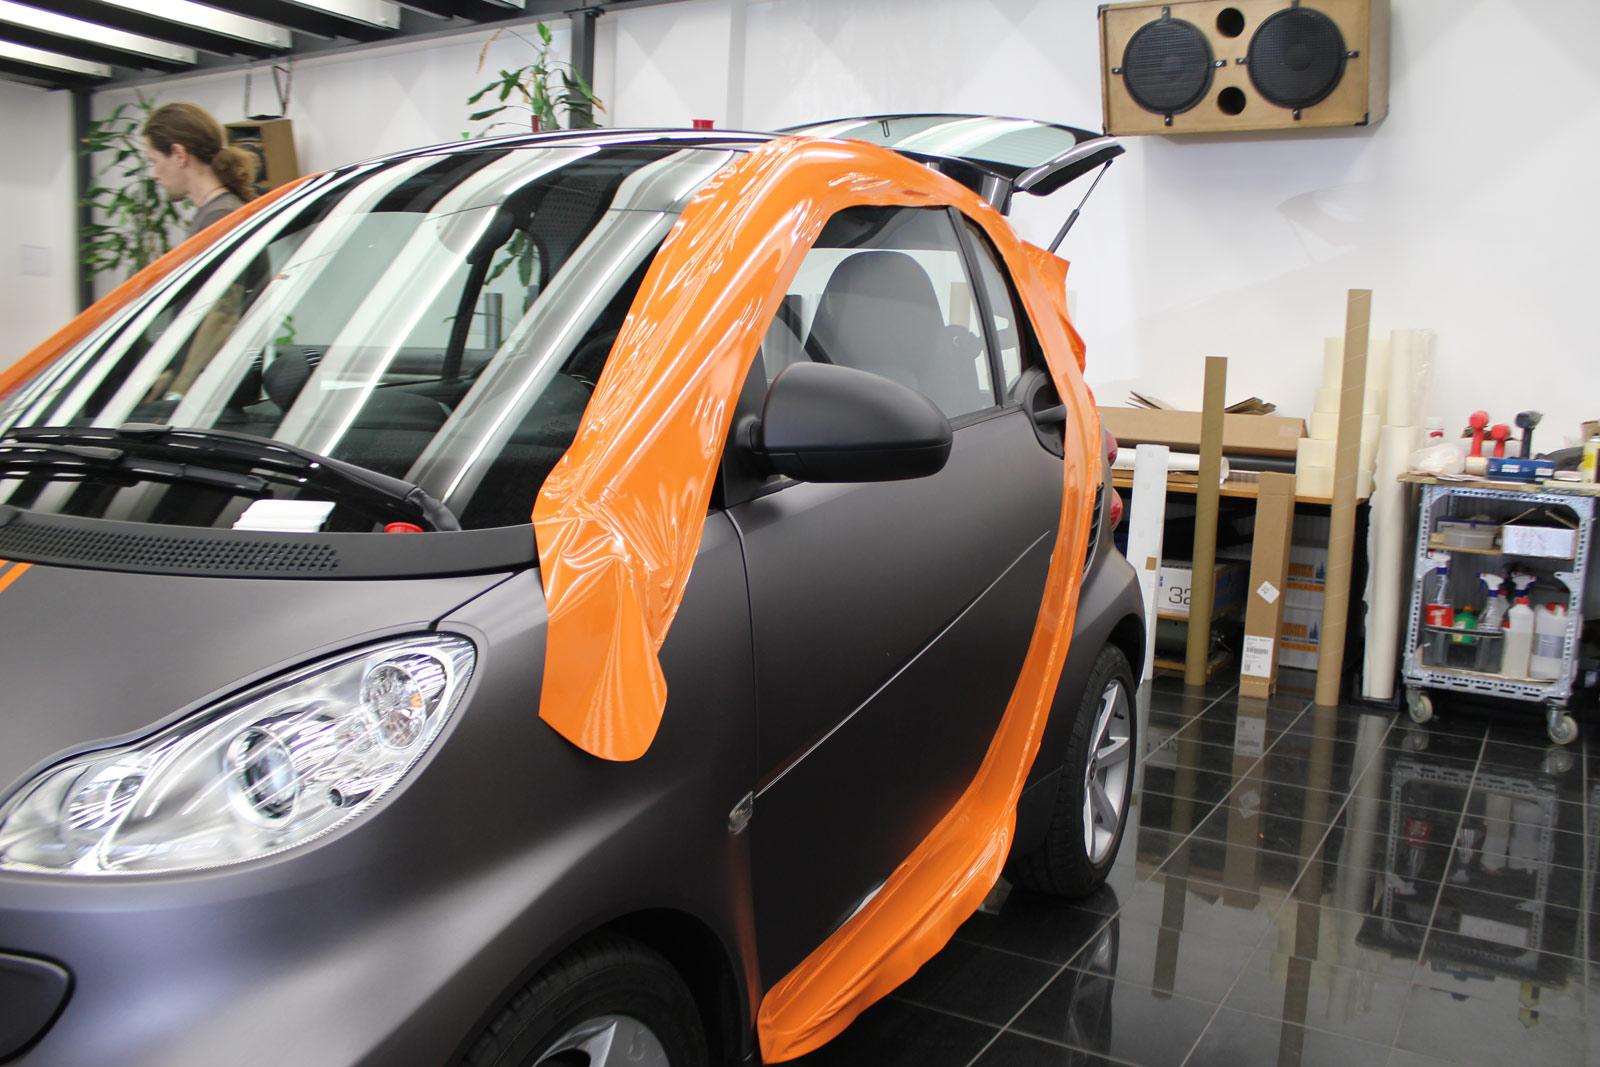 Smart Teilfolierung der Tridionzelle in orange glänzend.